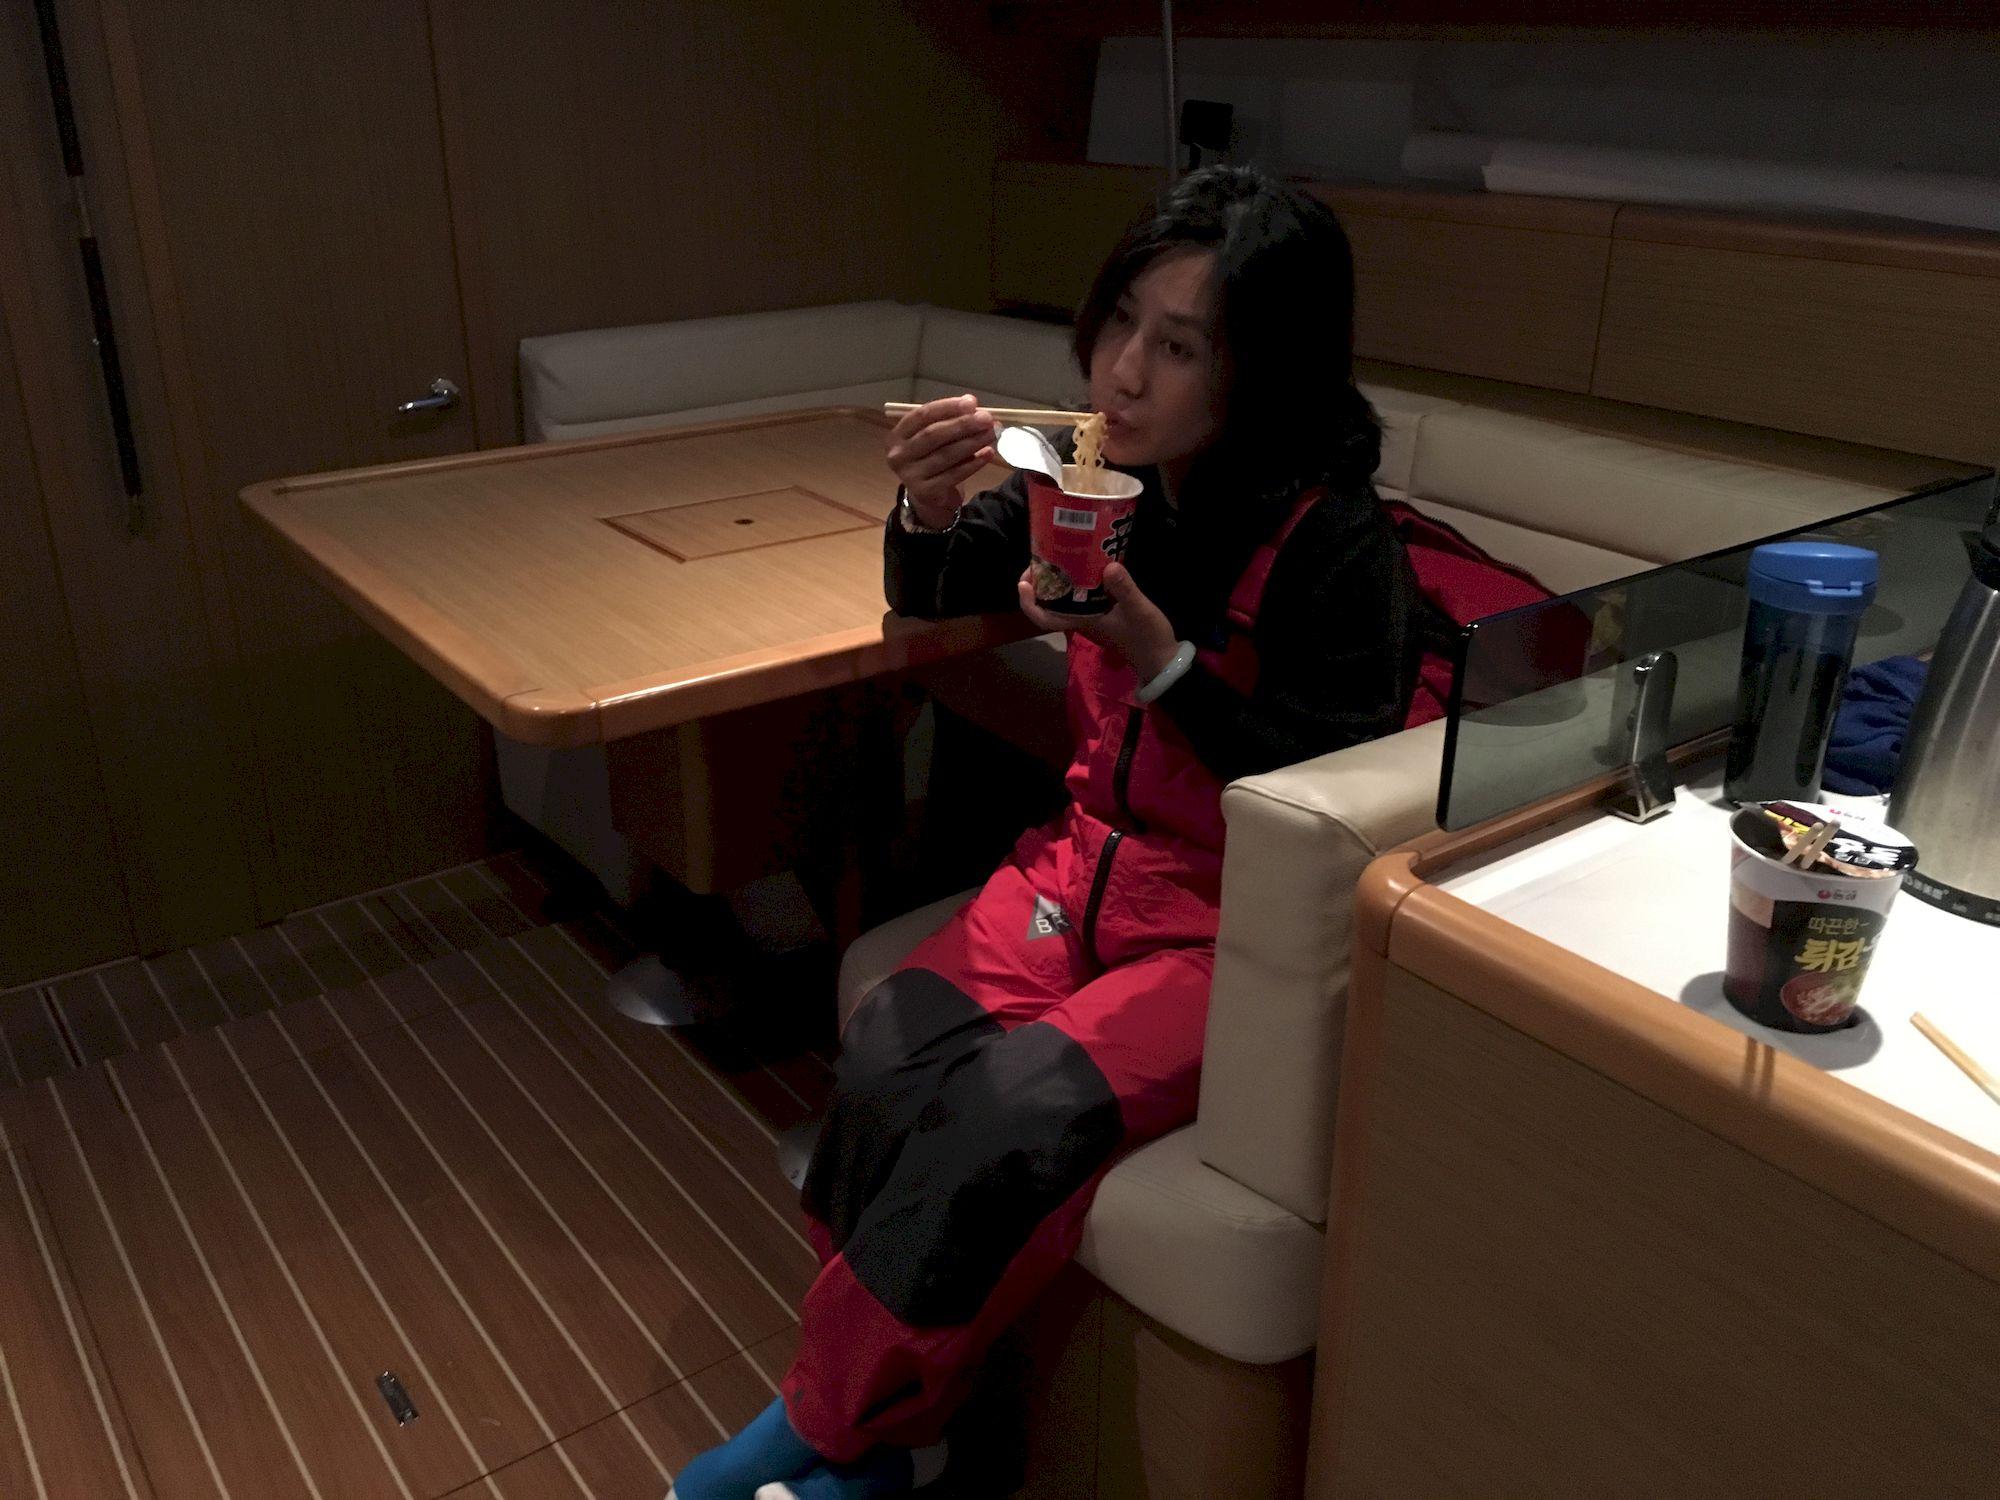 030-IMG_3388_千帆俱乐部我要航海网帆船队-2016威海-仁川国际帆船赛.JPG